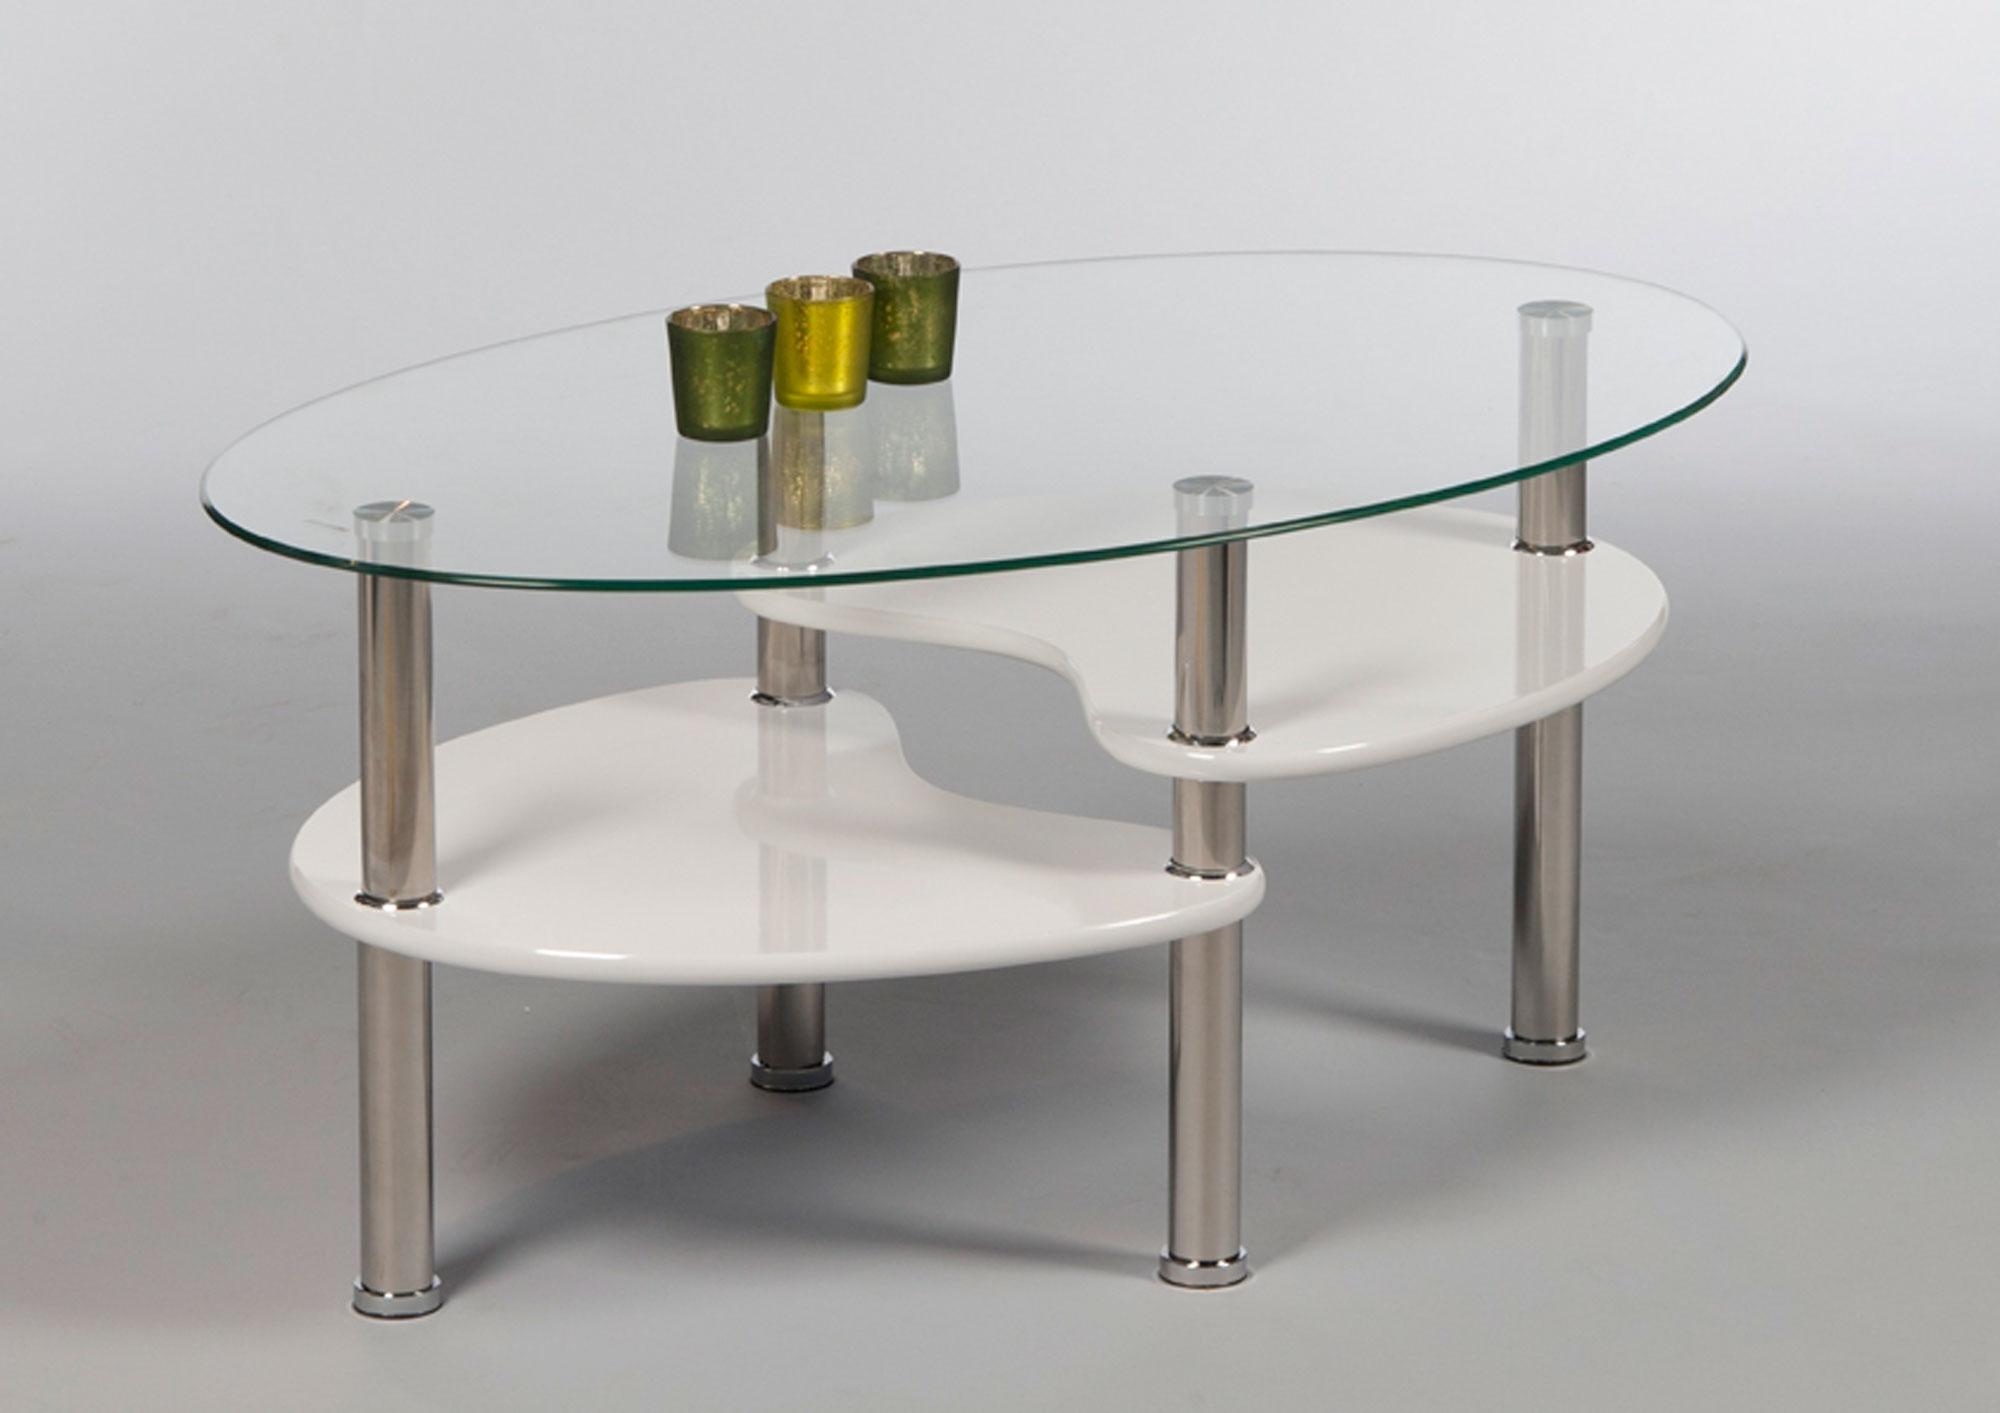 couchtisch oval glas sofatisch wohnzimmertisch glastisch. Black Bedroom Furniture Sets. Home Design Ideas